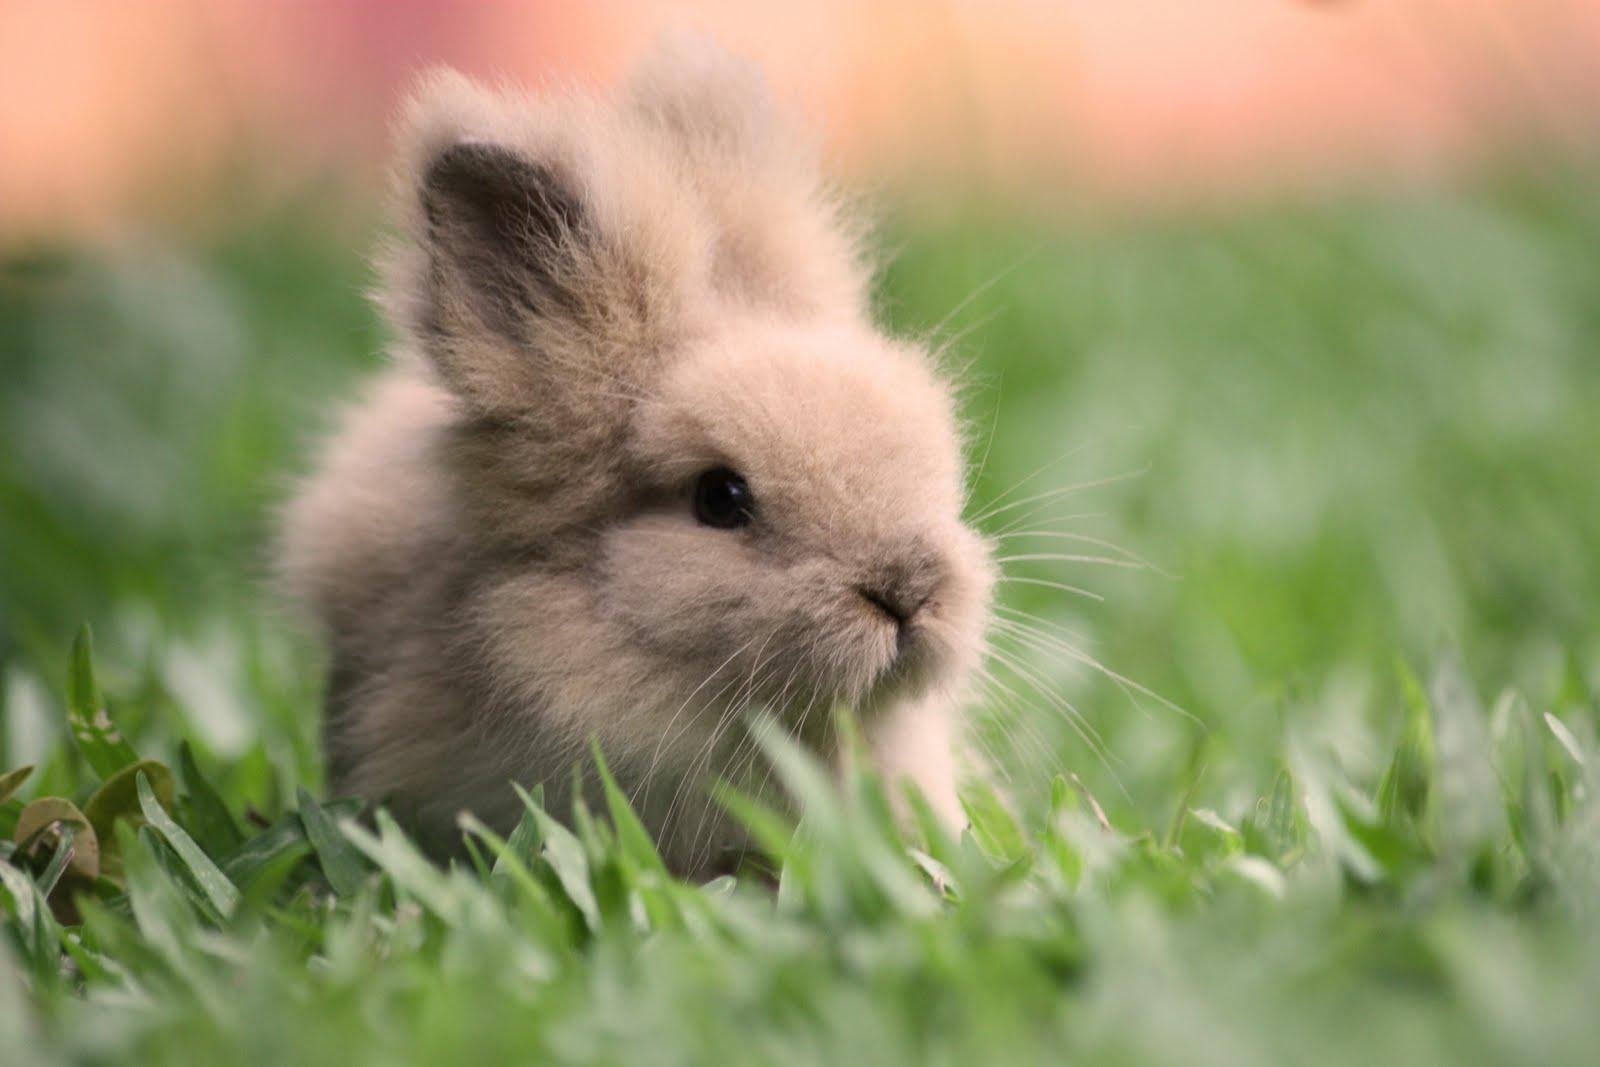 Cute Rabbits Cute Rabbits Ph...